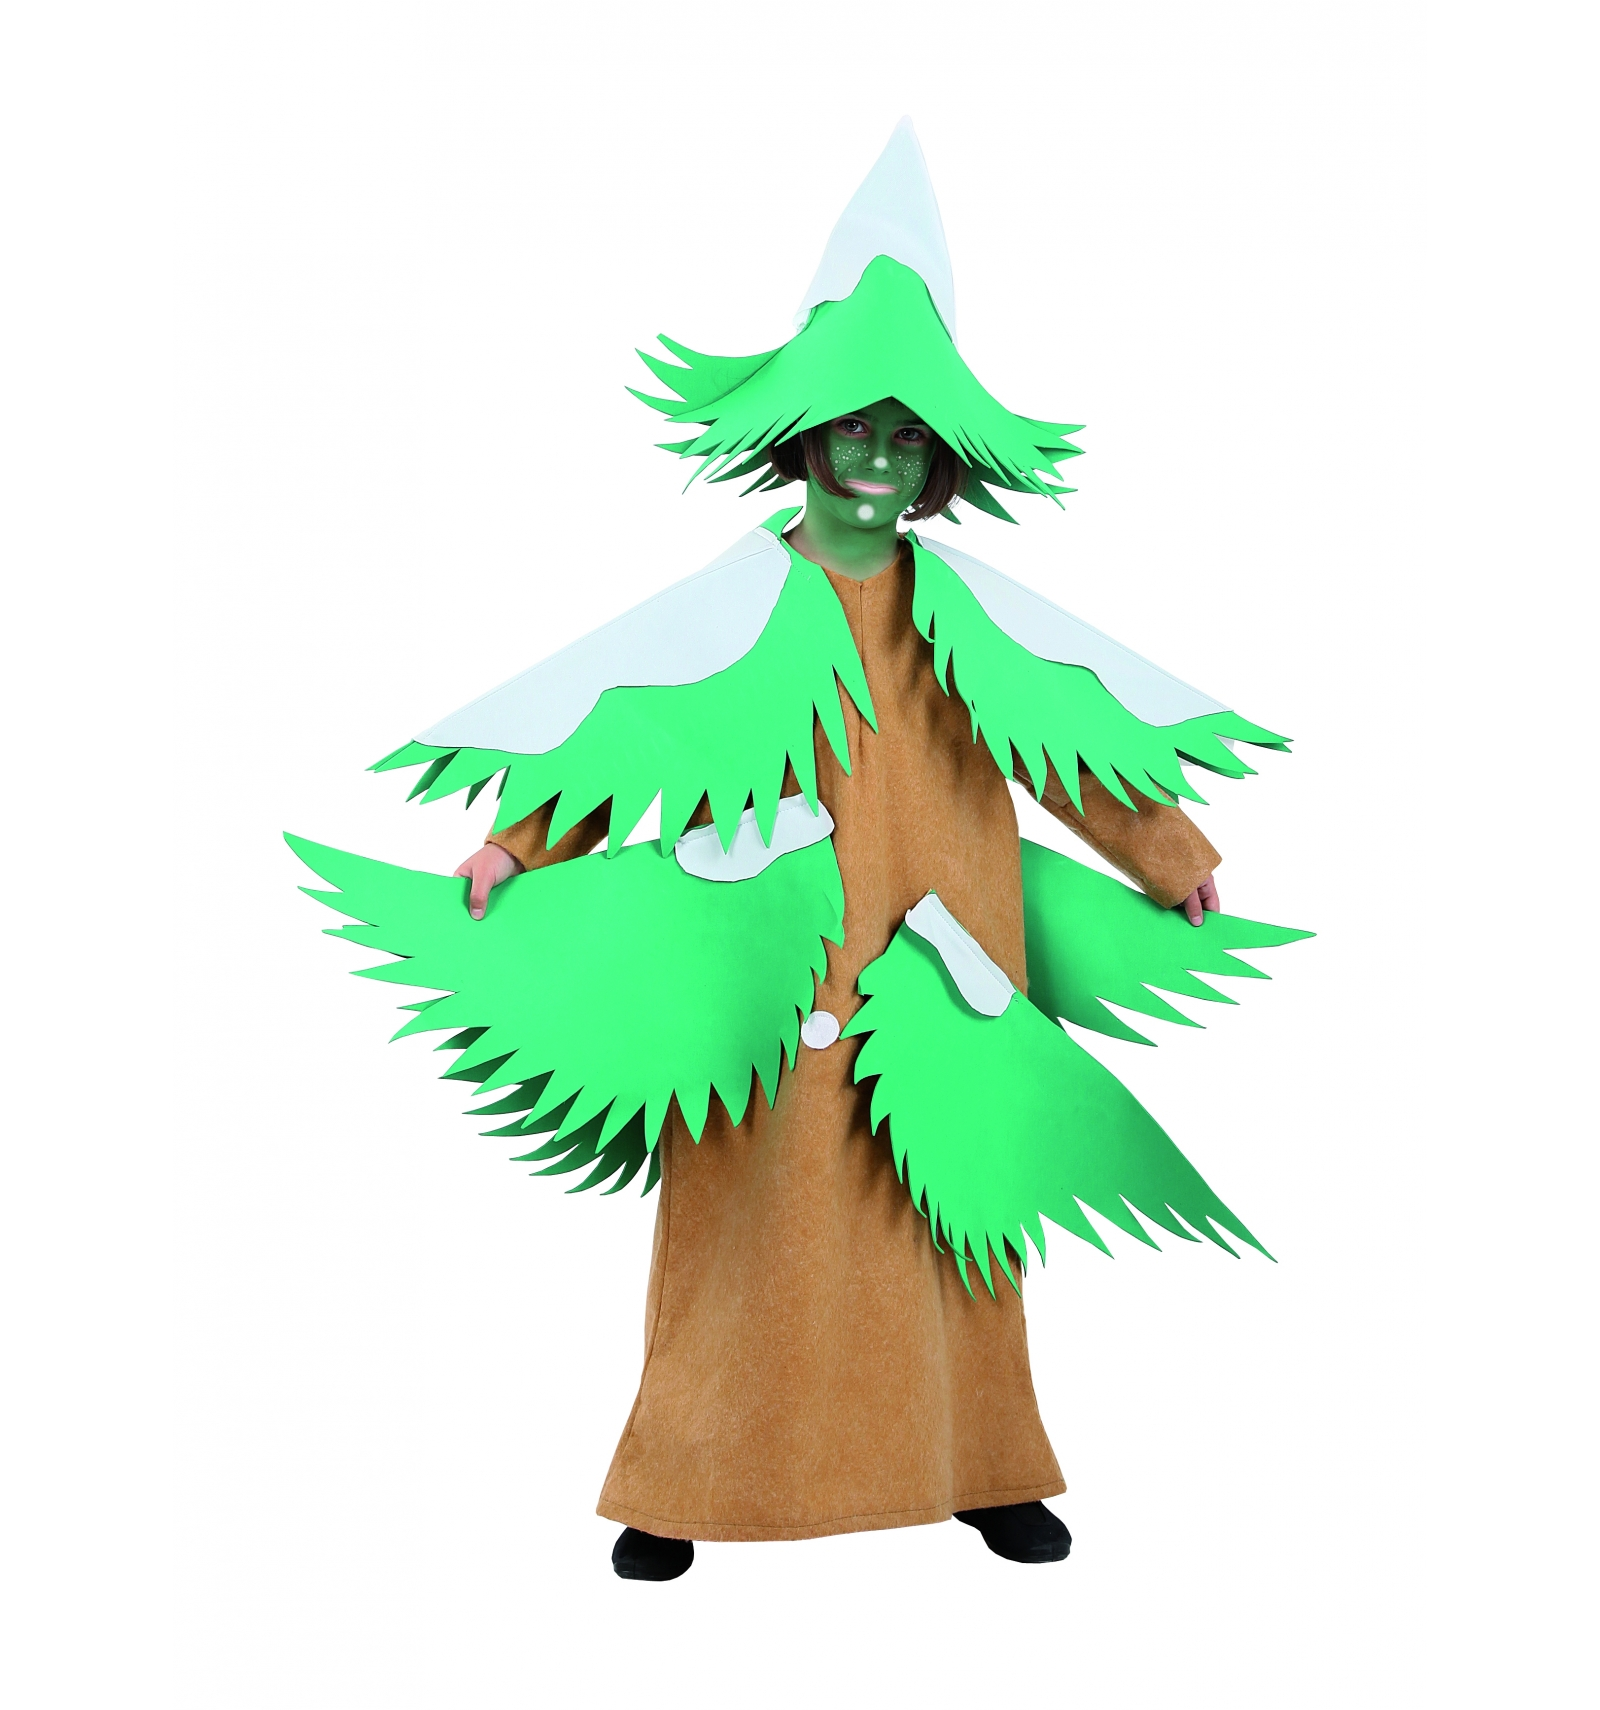 Disfraz arbol de navidad infantil tienda de disfraces online - Arbol de navidad infantil ...